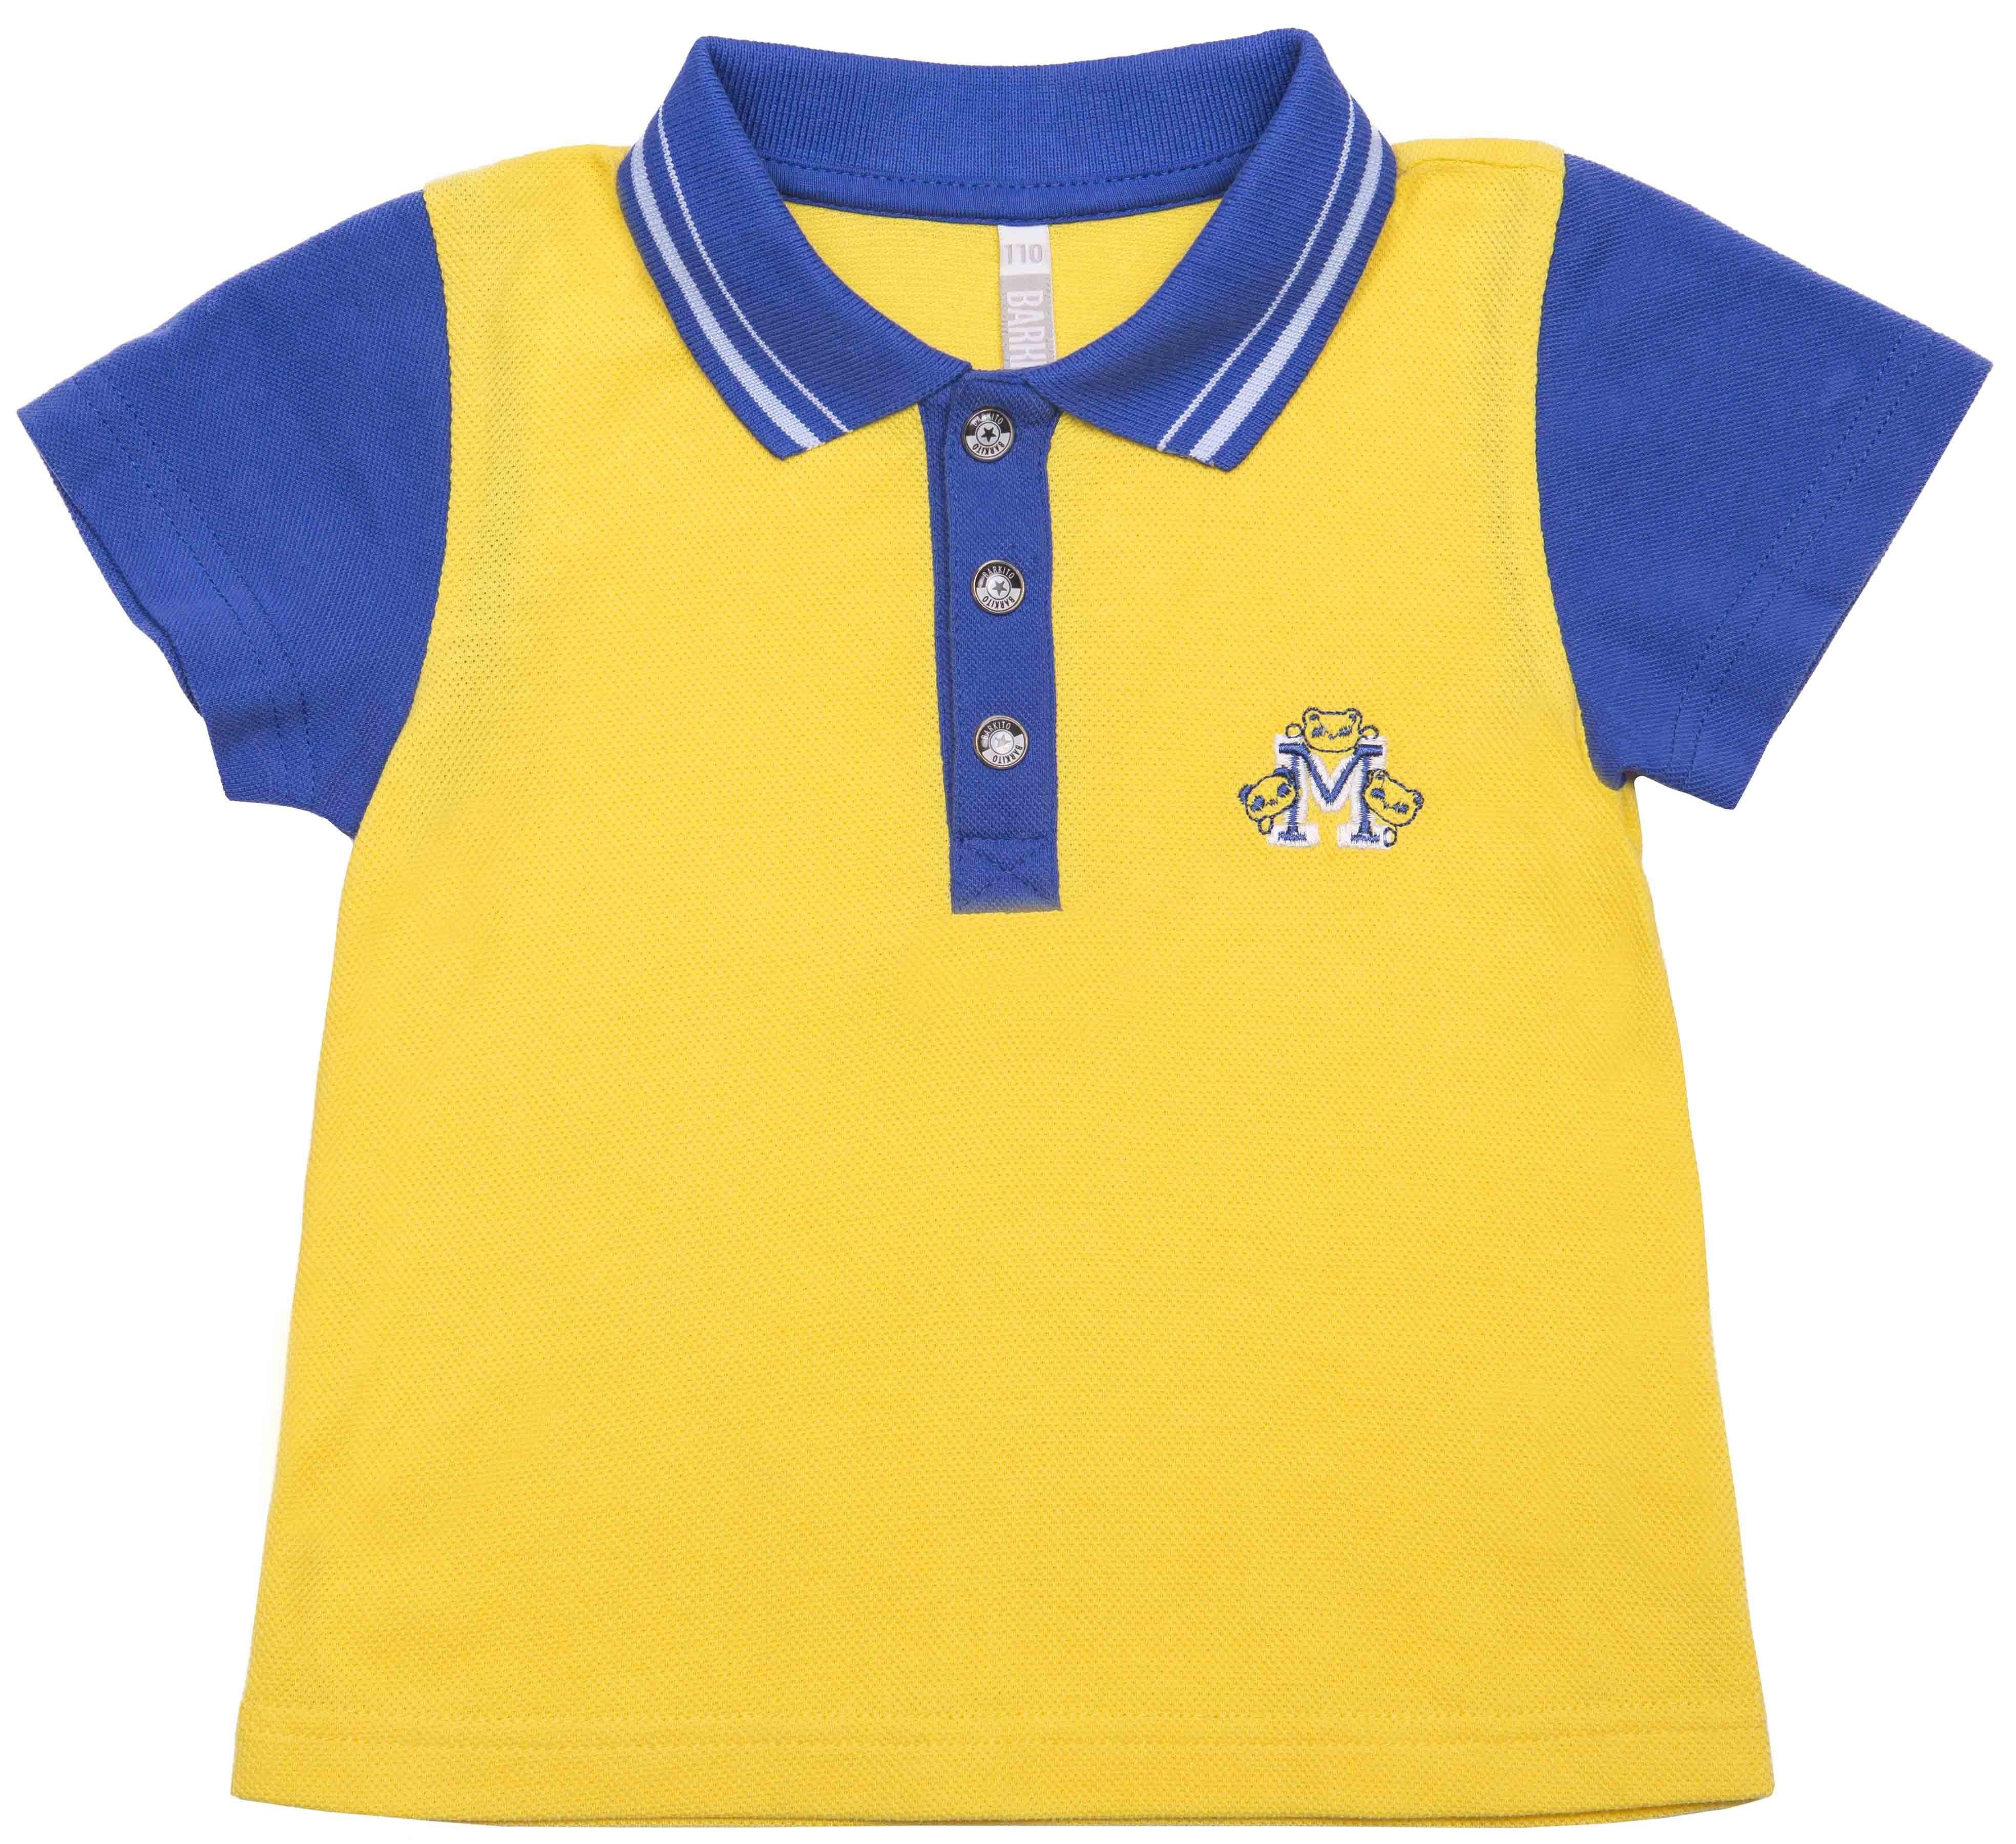 Купить Футболки, Футболка поло для мальчика Barkito Котики желтая, Узбекистан, желтый, Мужской